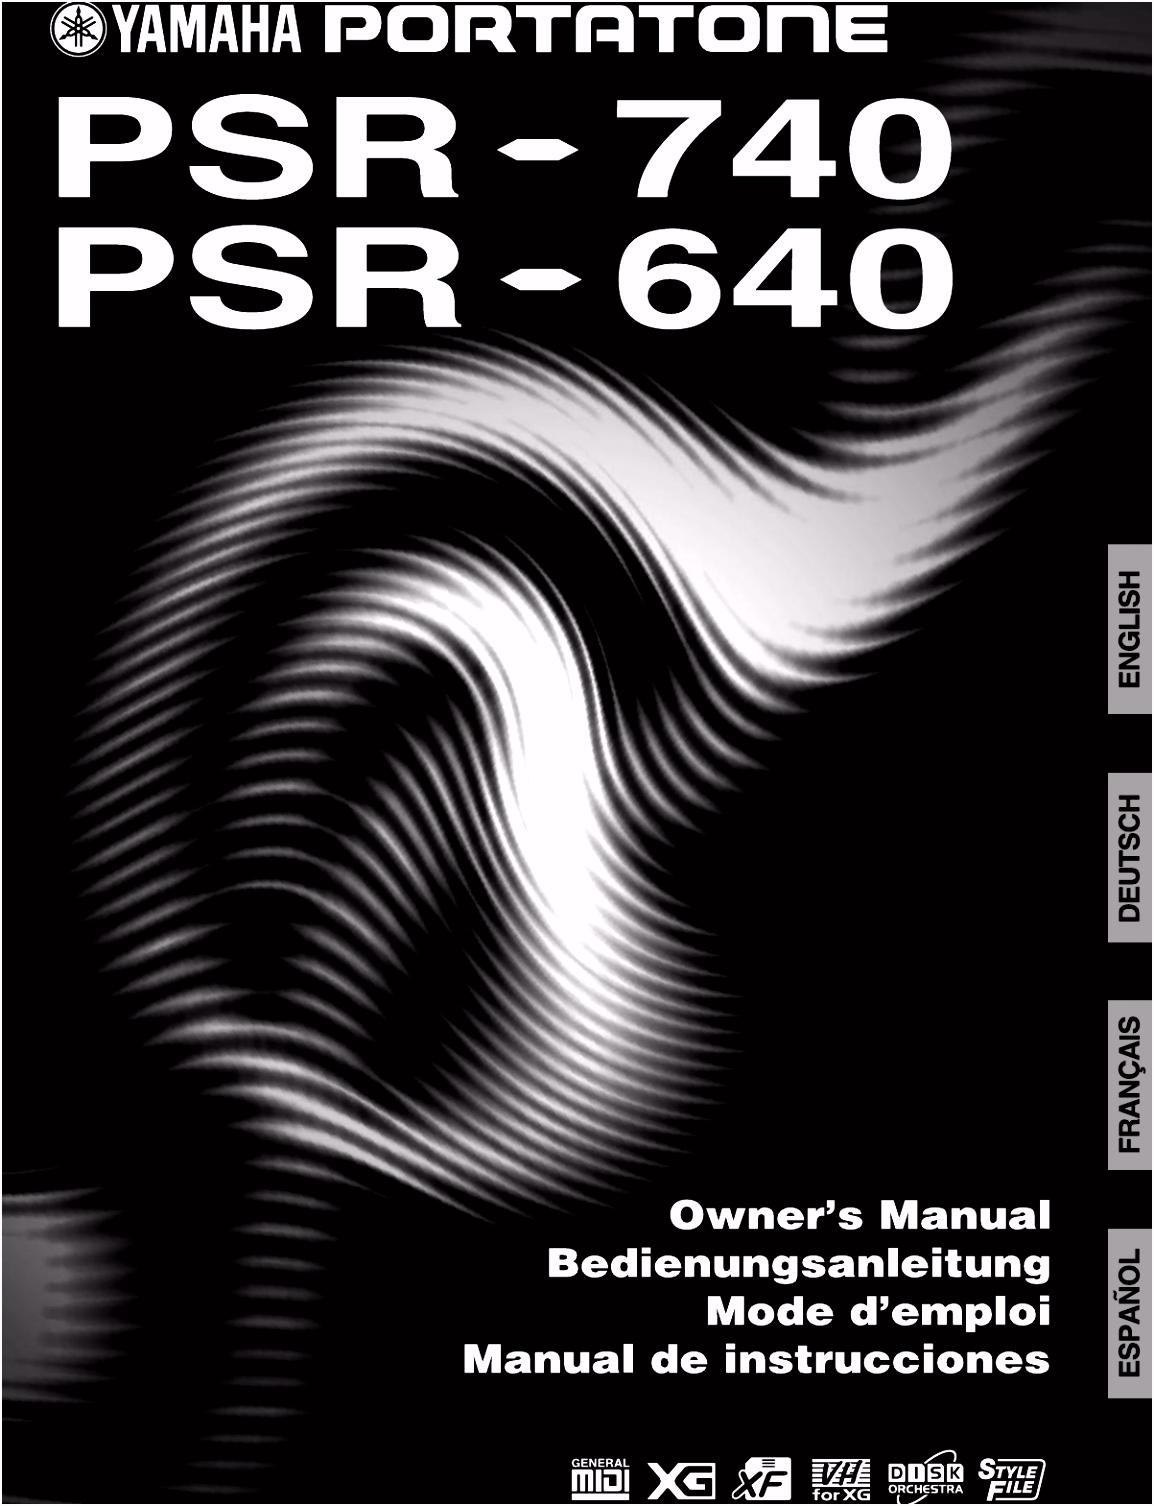 Yamaha 740 001 025Ger PSR 740 640 Owner s Manual PSR740G